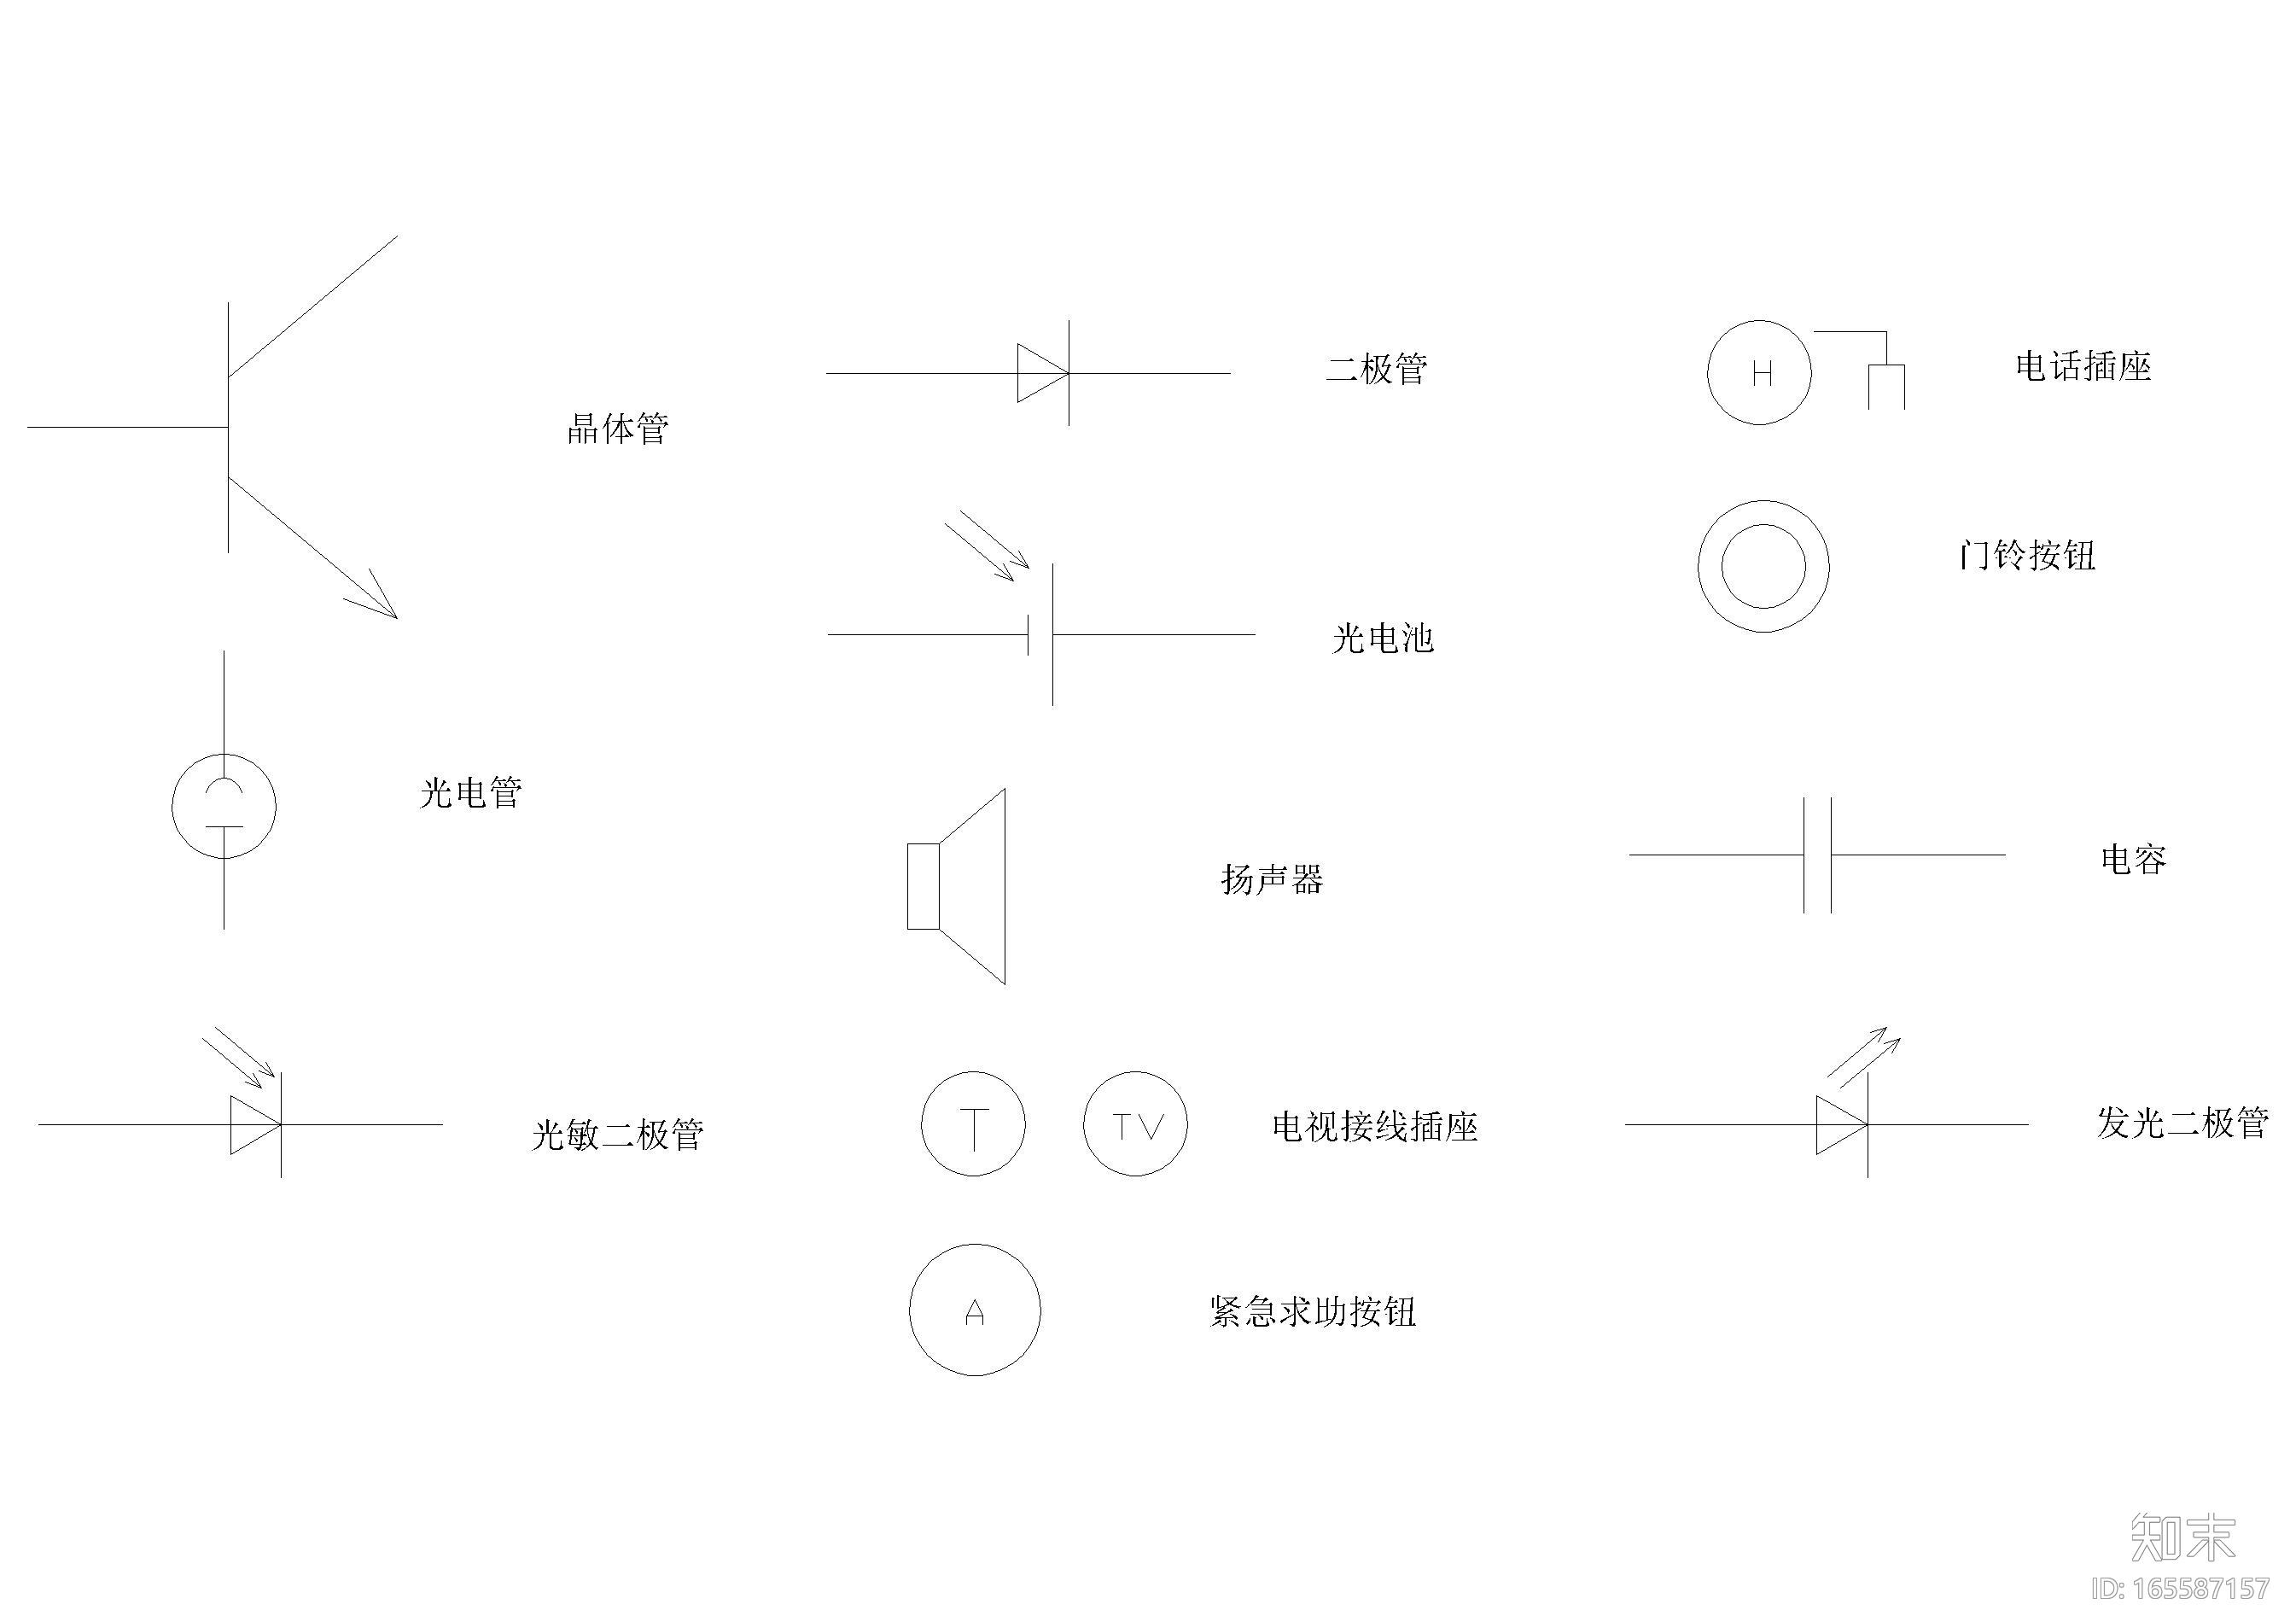 室内电气图块,图纸标识,插座位指引图施工图下载【ID:165587157】